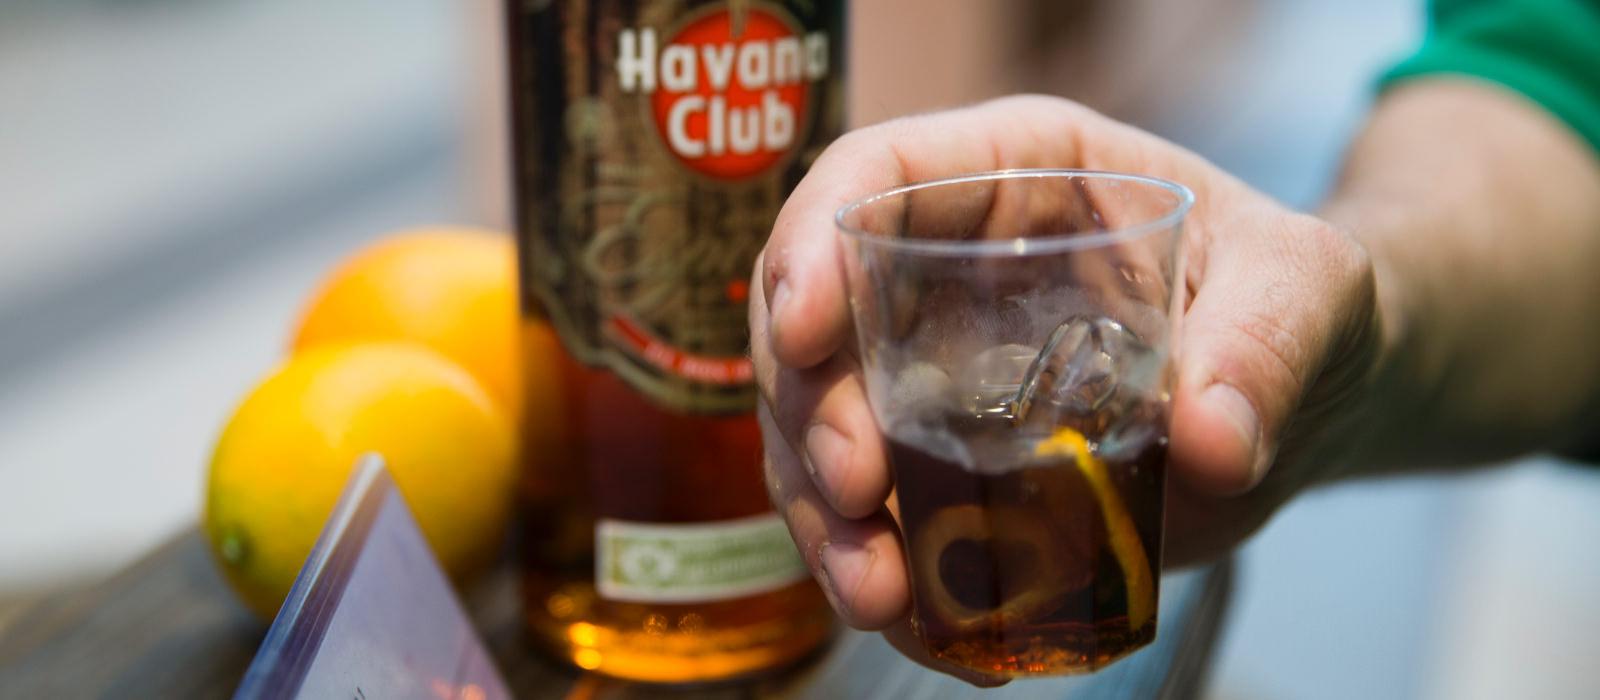 Havana Drink